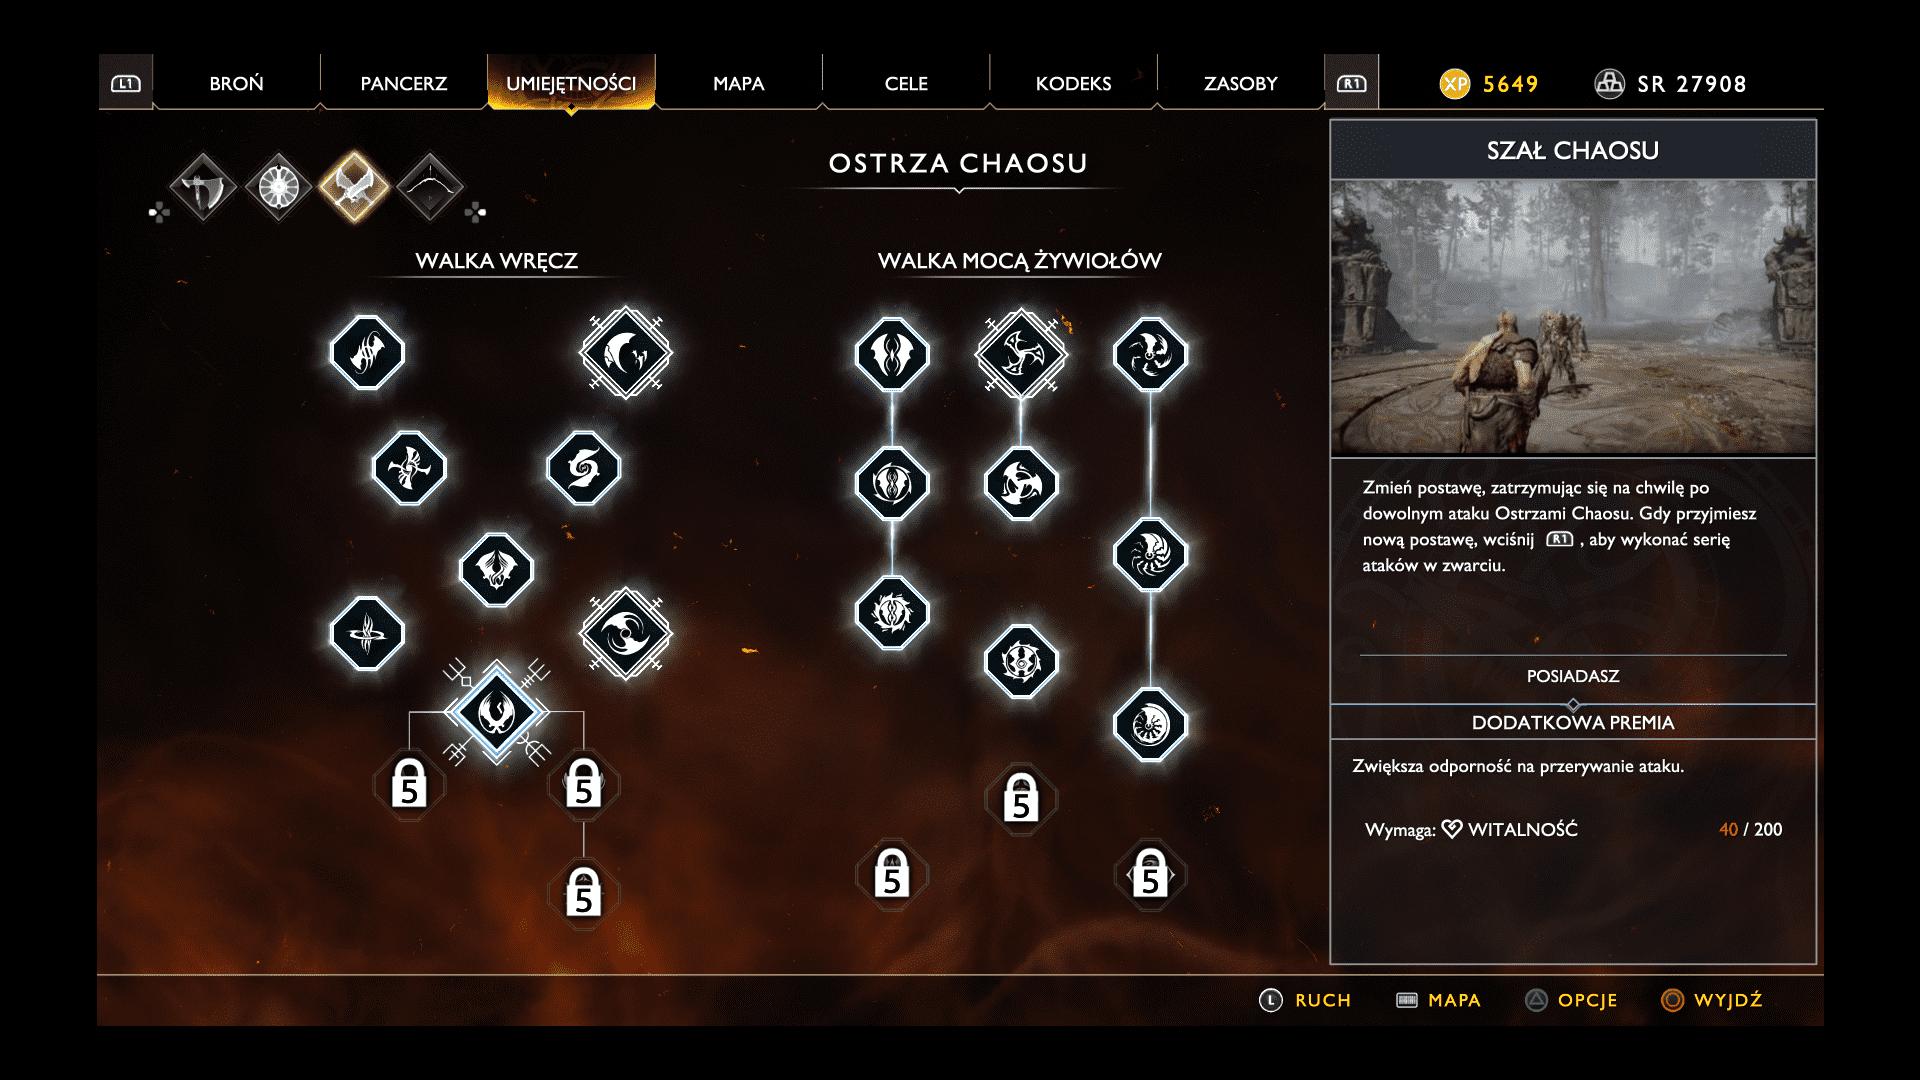 """God of War - recenzja gry gry-i-aplikacje recenzja gry God of War, PS4, God of War na PS4, God of War  """"Znajomość"""" z Kratosem rozpocząłem za czasów grania w dwie pierwsze odsłony God of War na PlayStation 2. Potem udało mi się ograć dwie edycje na PSP, zwieńczenie trylogii, ale odpuściłem wydane na siłę Wstąpienie. God of War 20180515133106"""